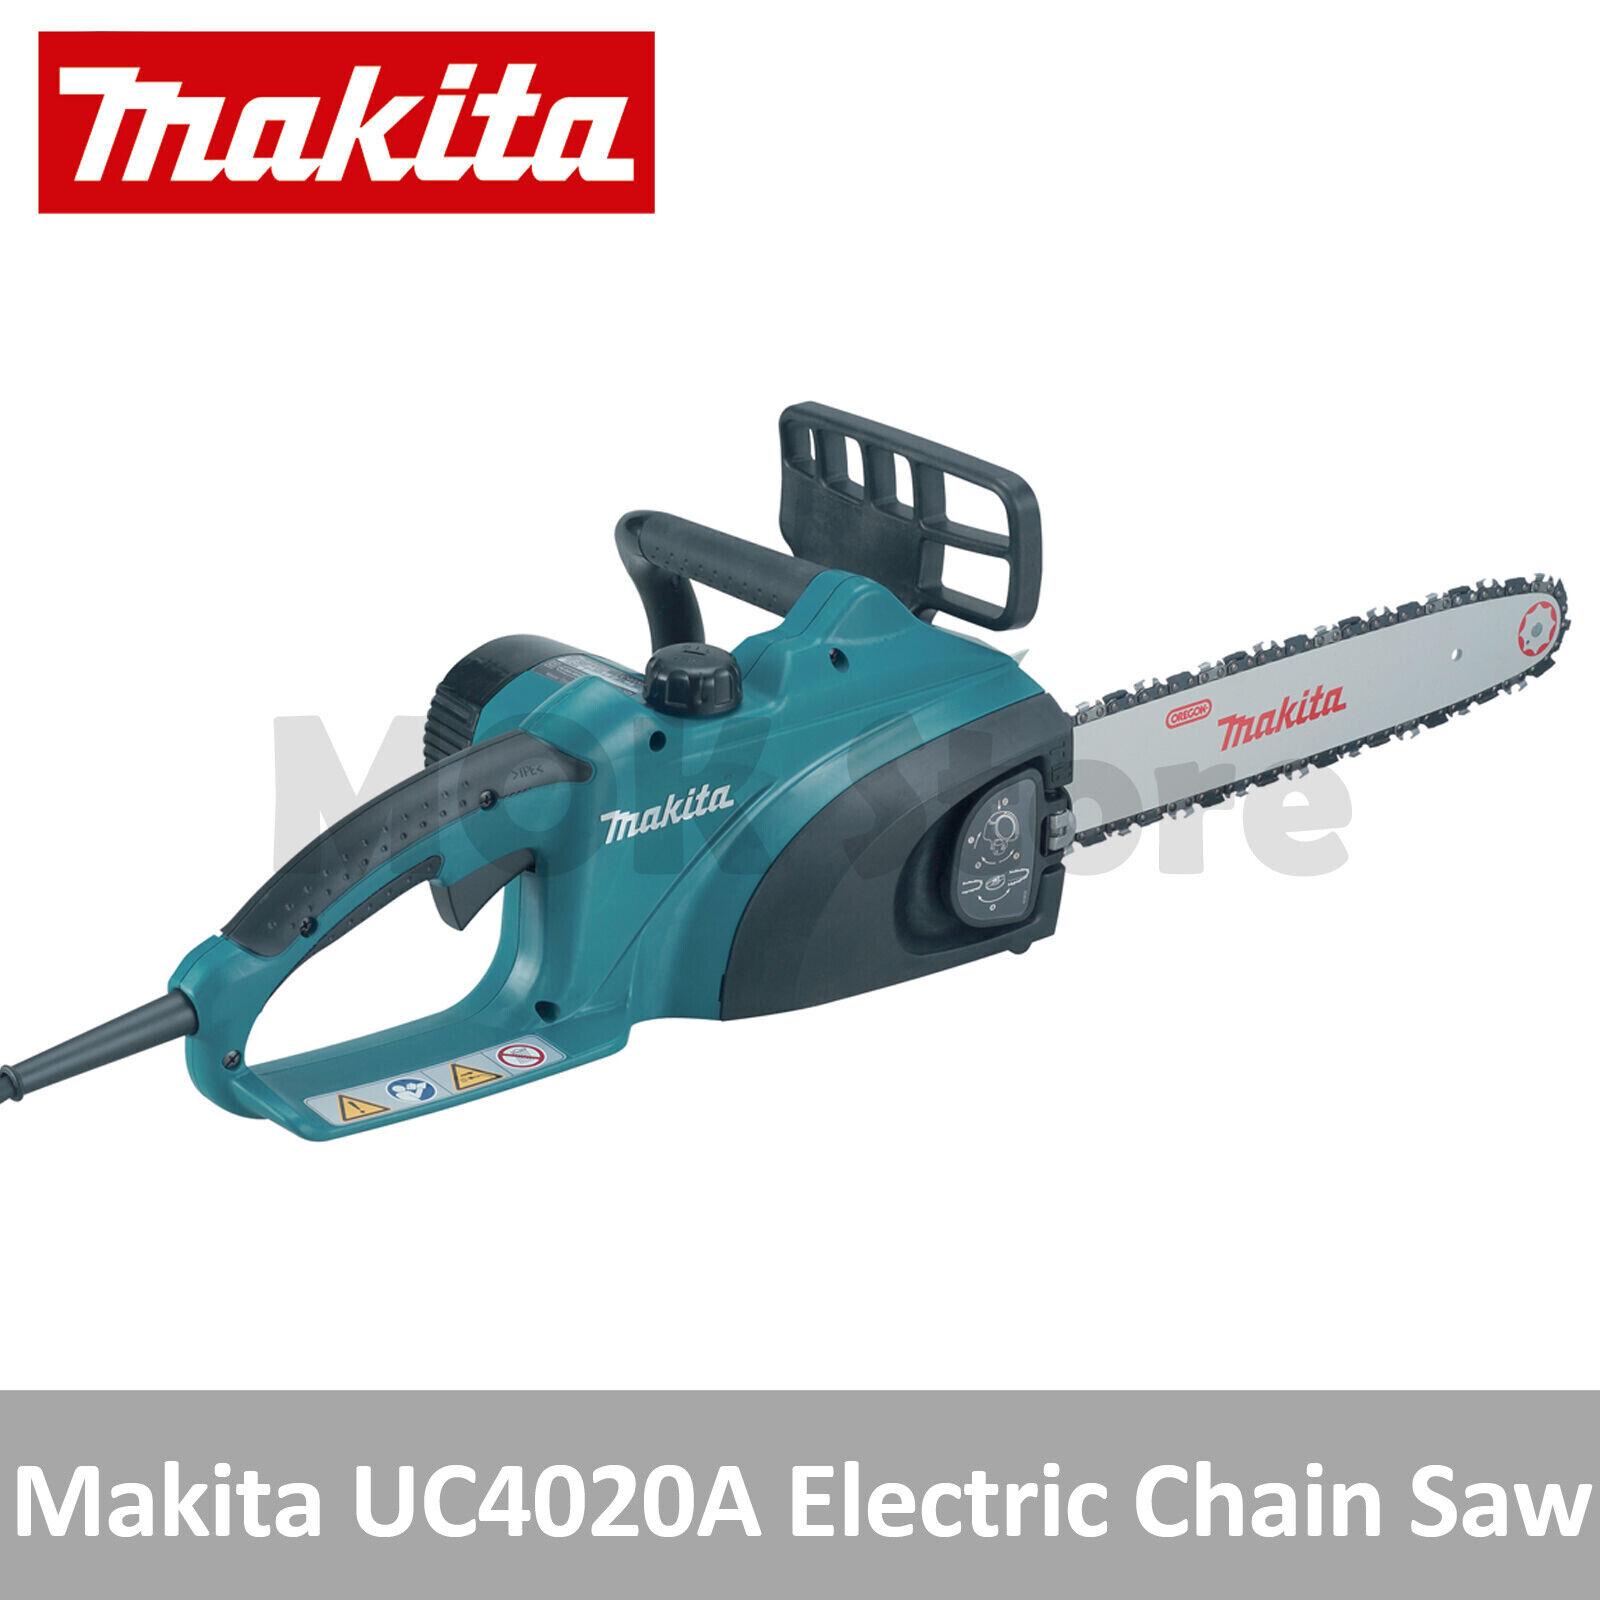 uc4020a electric chain saw w